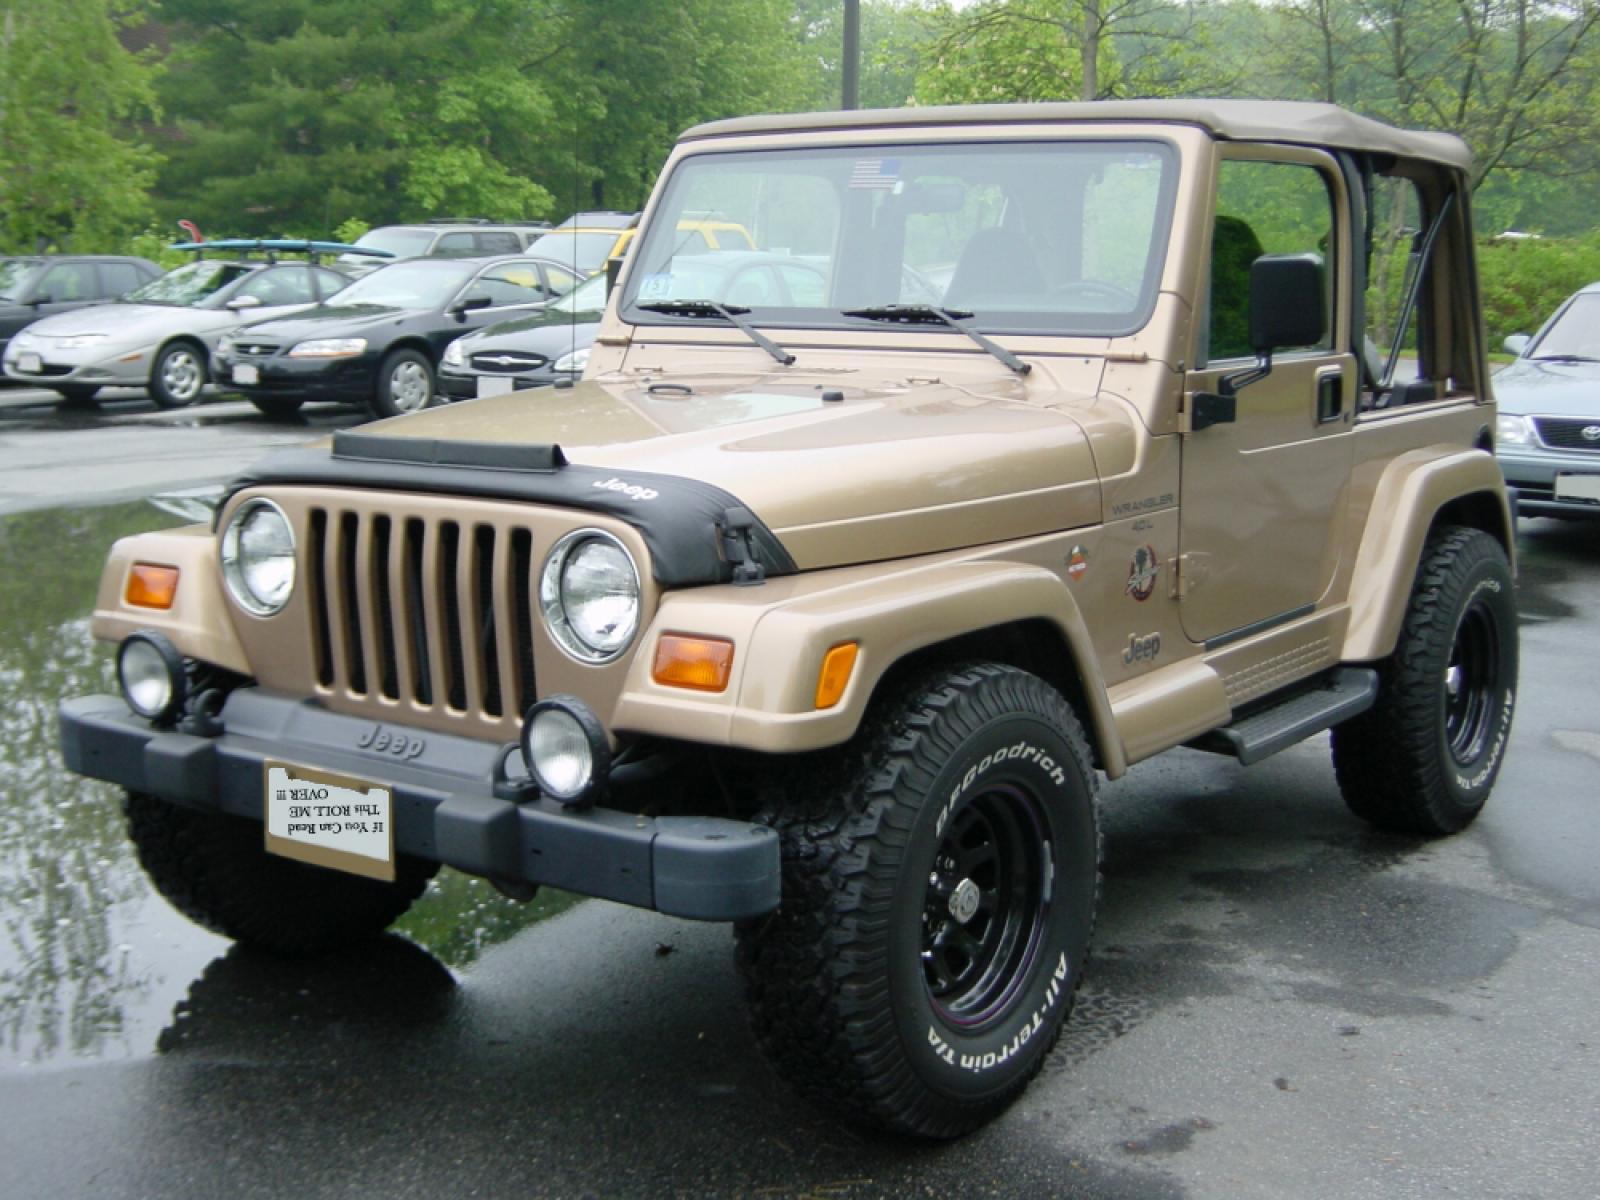 2009 Jeep Wrangler Unlimited Repair Manual